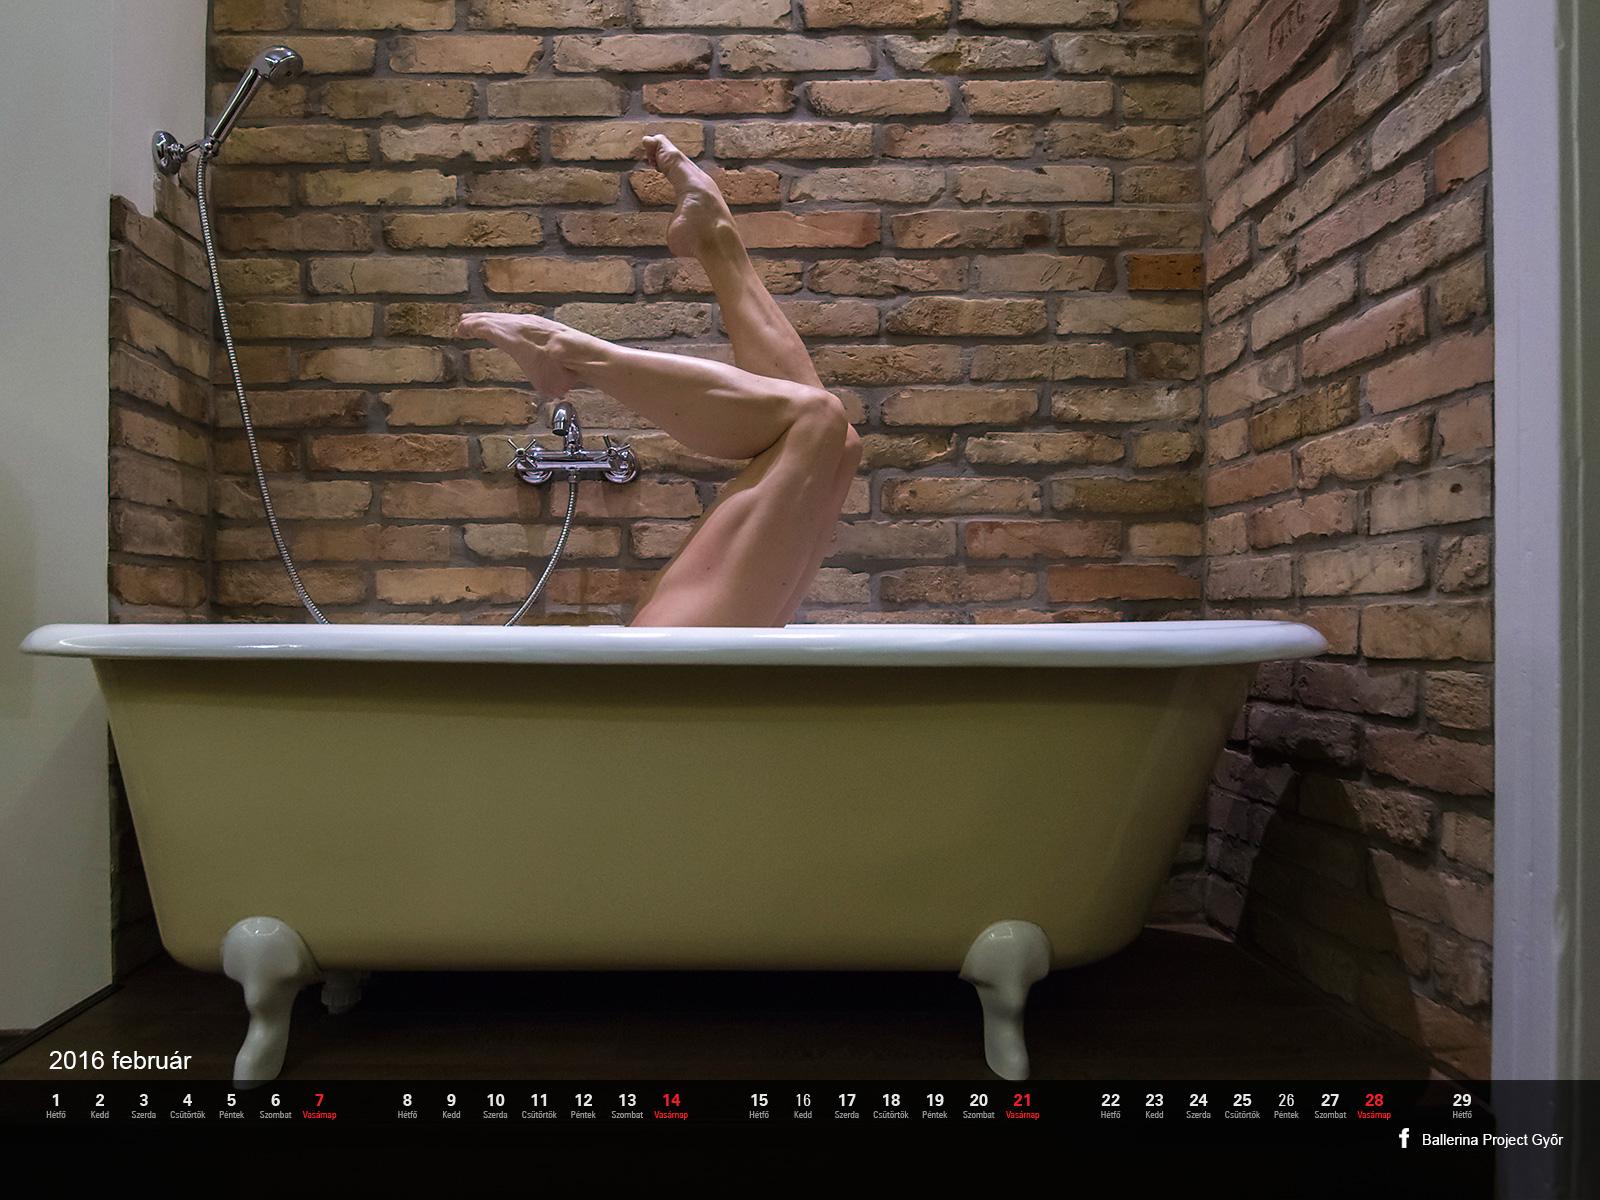 Ballerina Project Győr naptár 2016. február